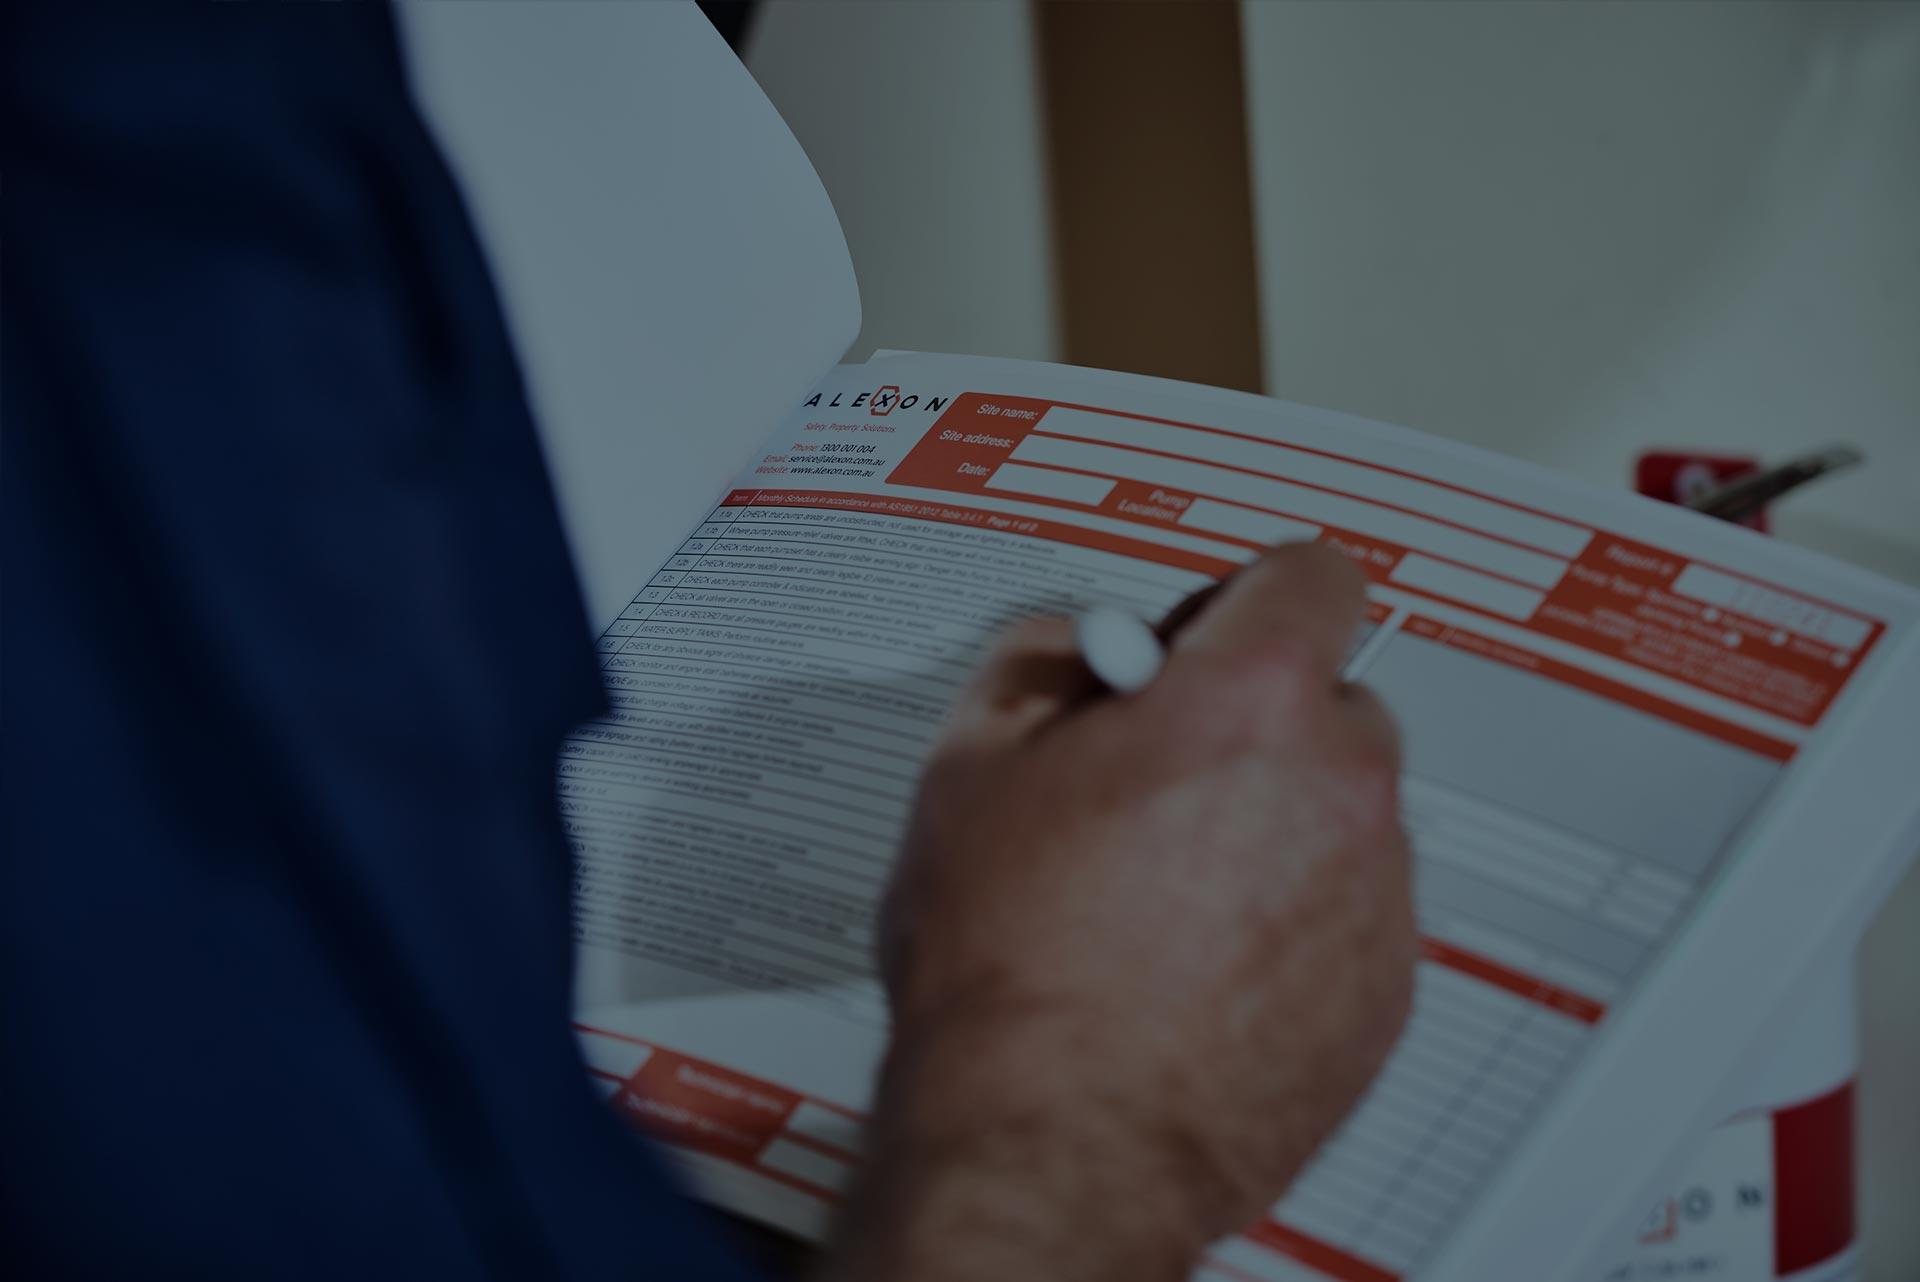 An Alexon employee completing a maintenance report.